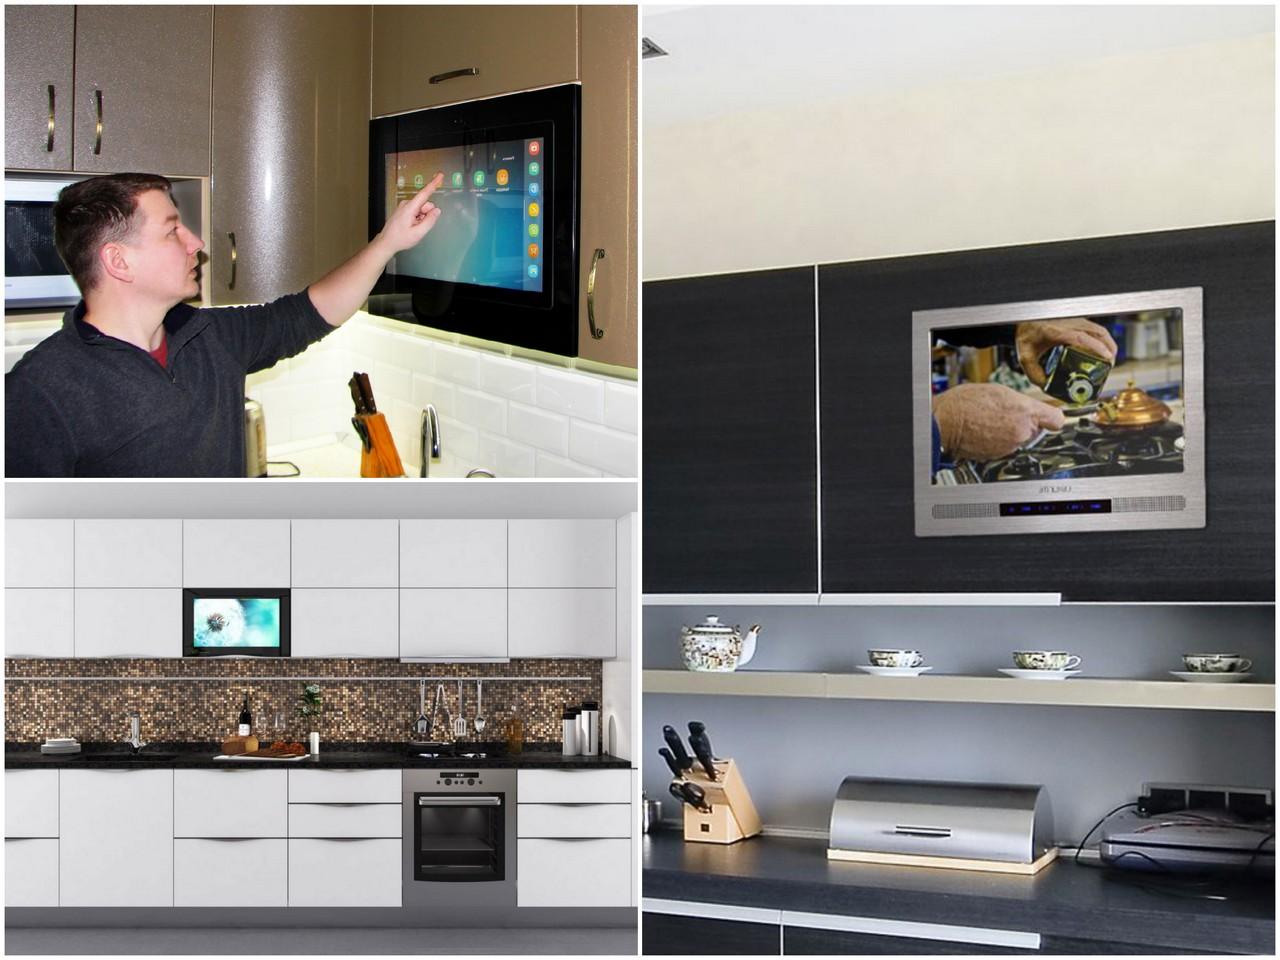 выбрать встраиваемый телевизор для кухни